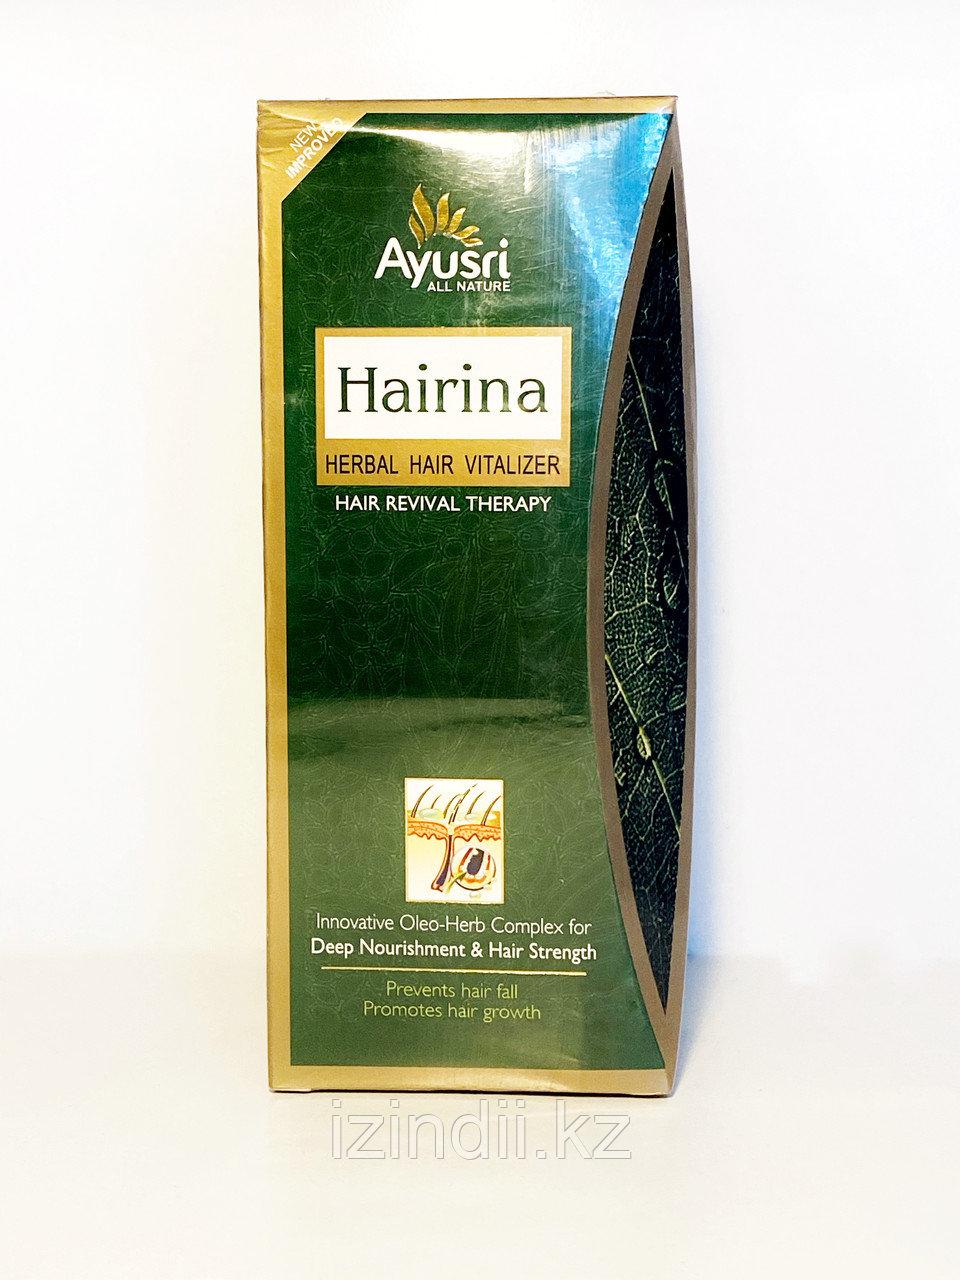 Хайрина виталайзер для волос, Ayusri, 220 мл